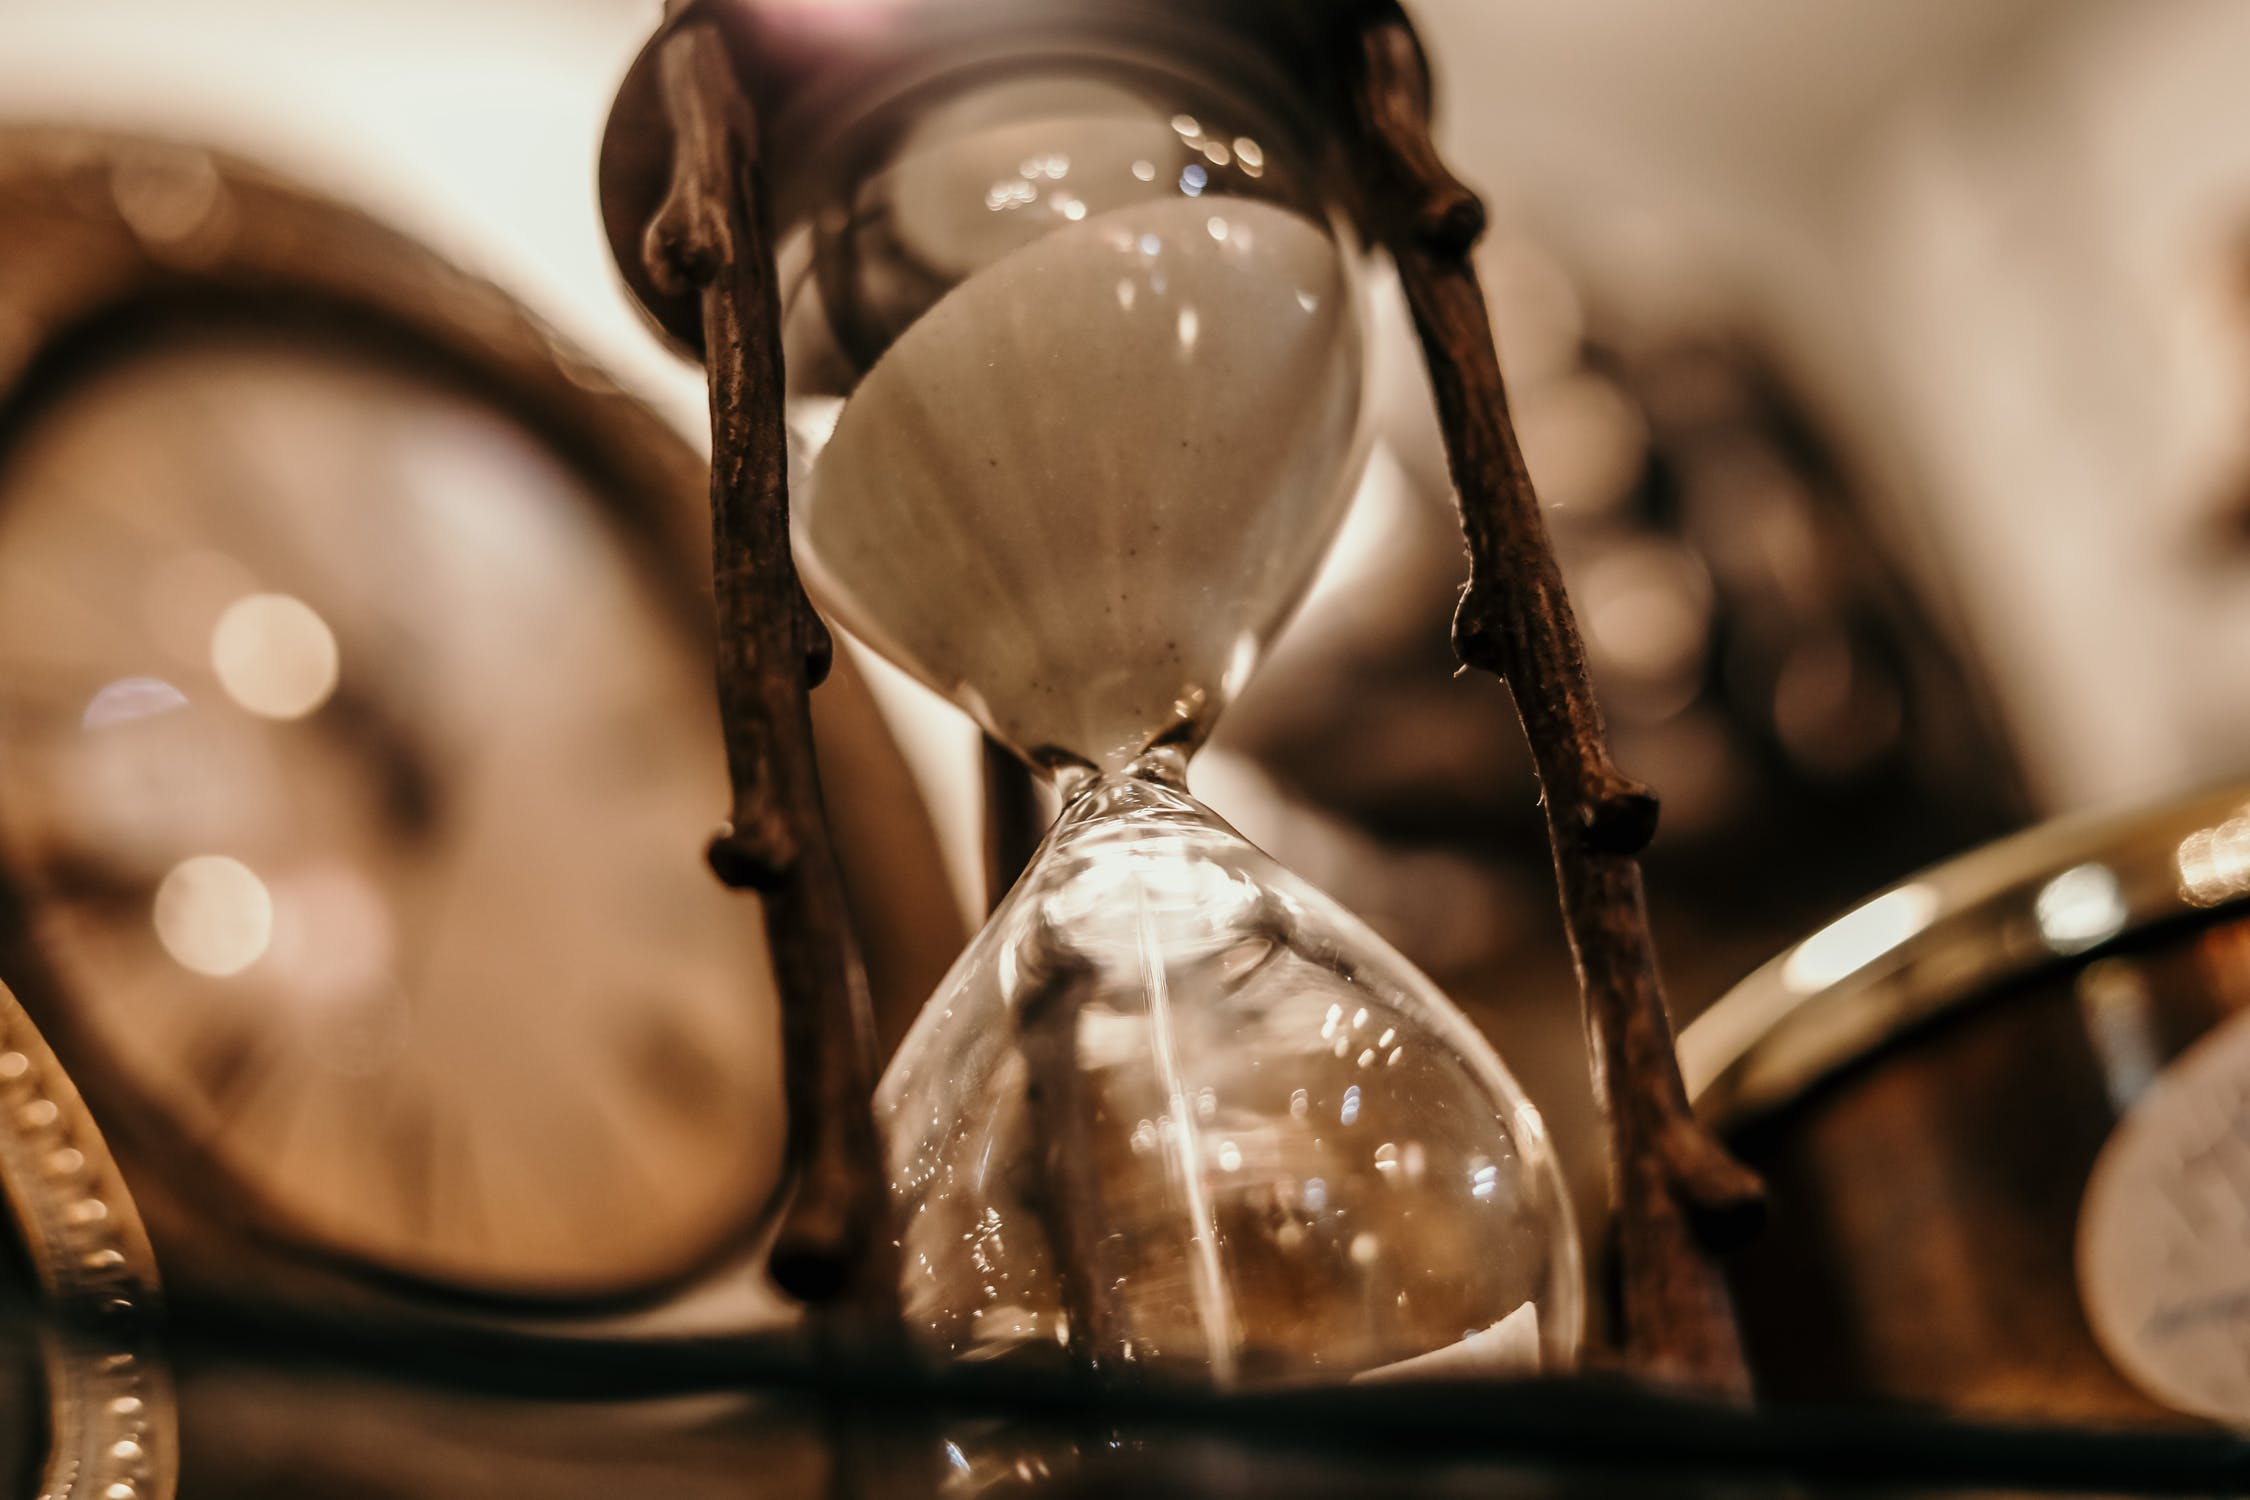 náš čas datovania